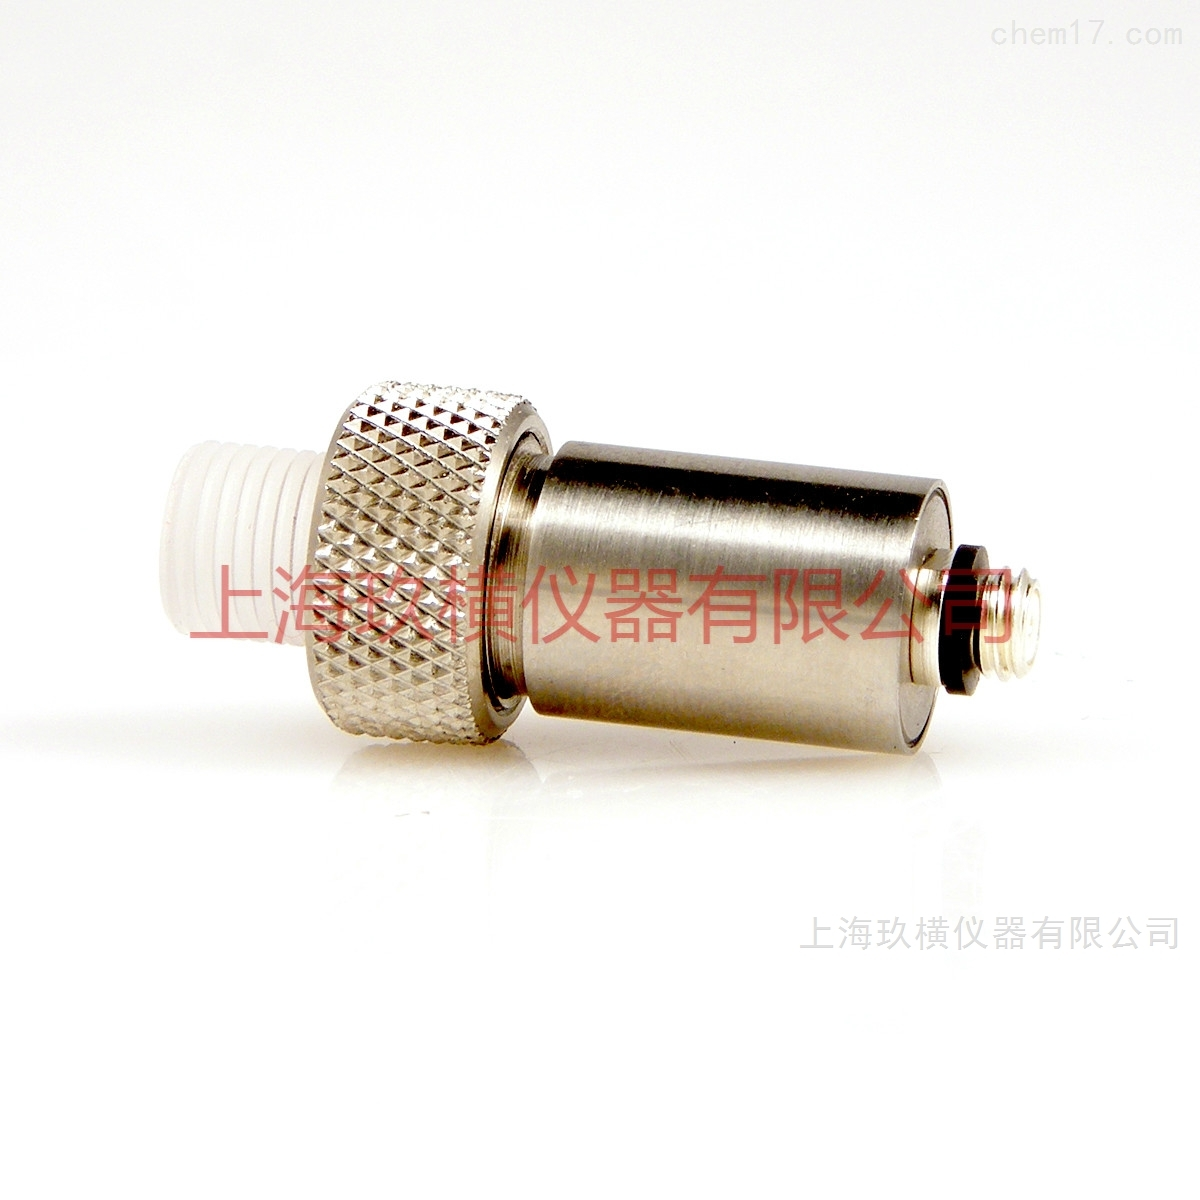 OLYMPUS超声波测厚仪金属探伤M202-RM/SM